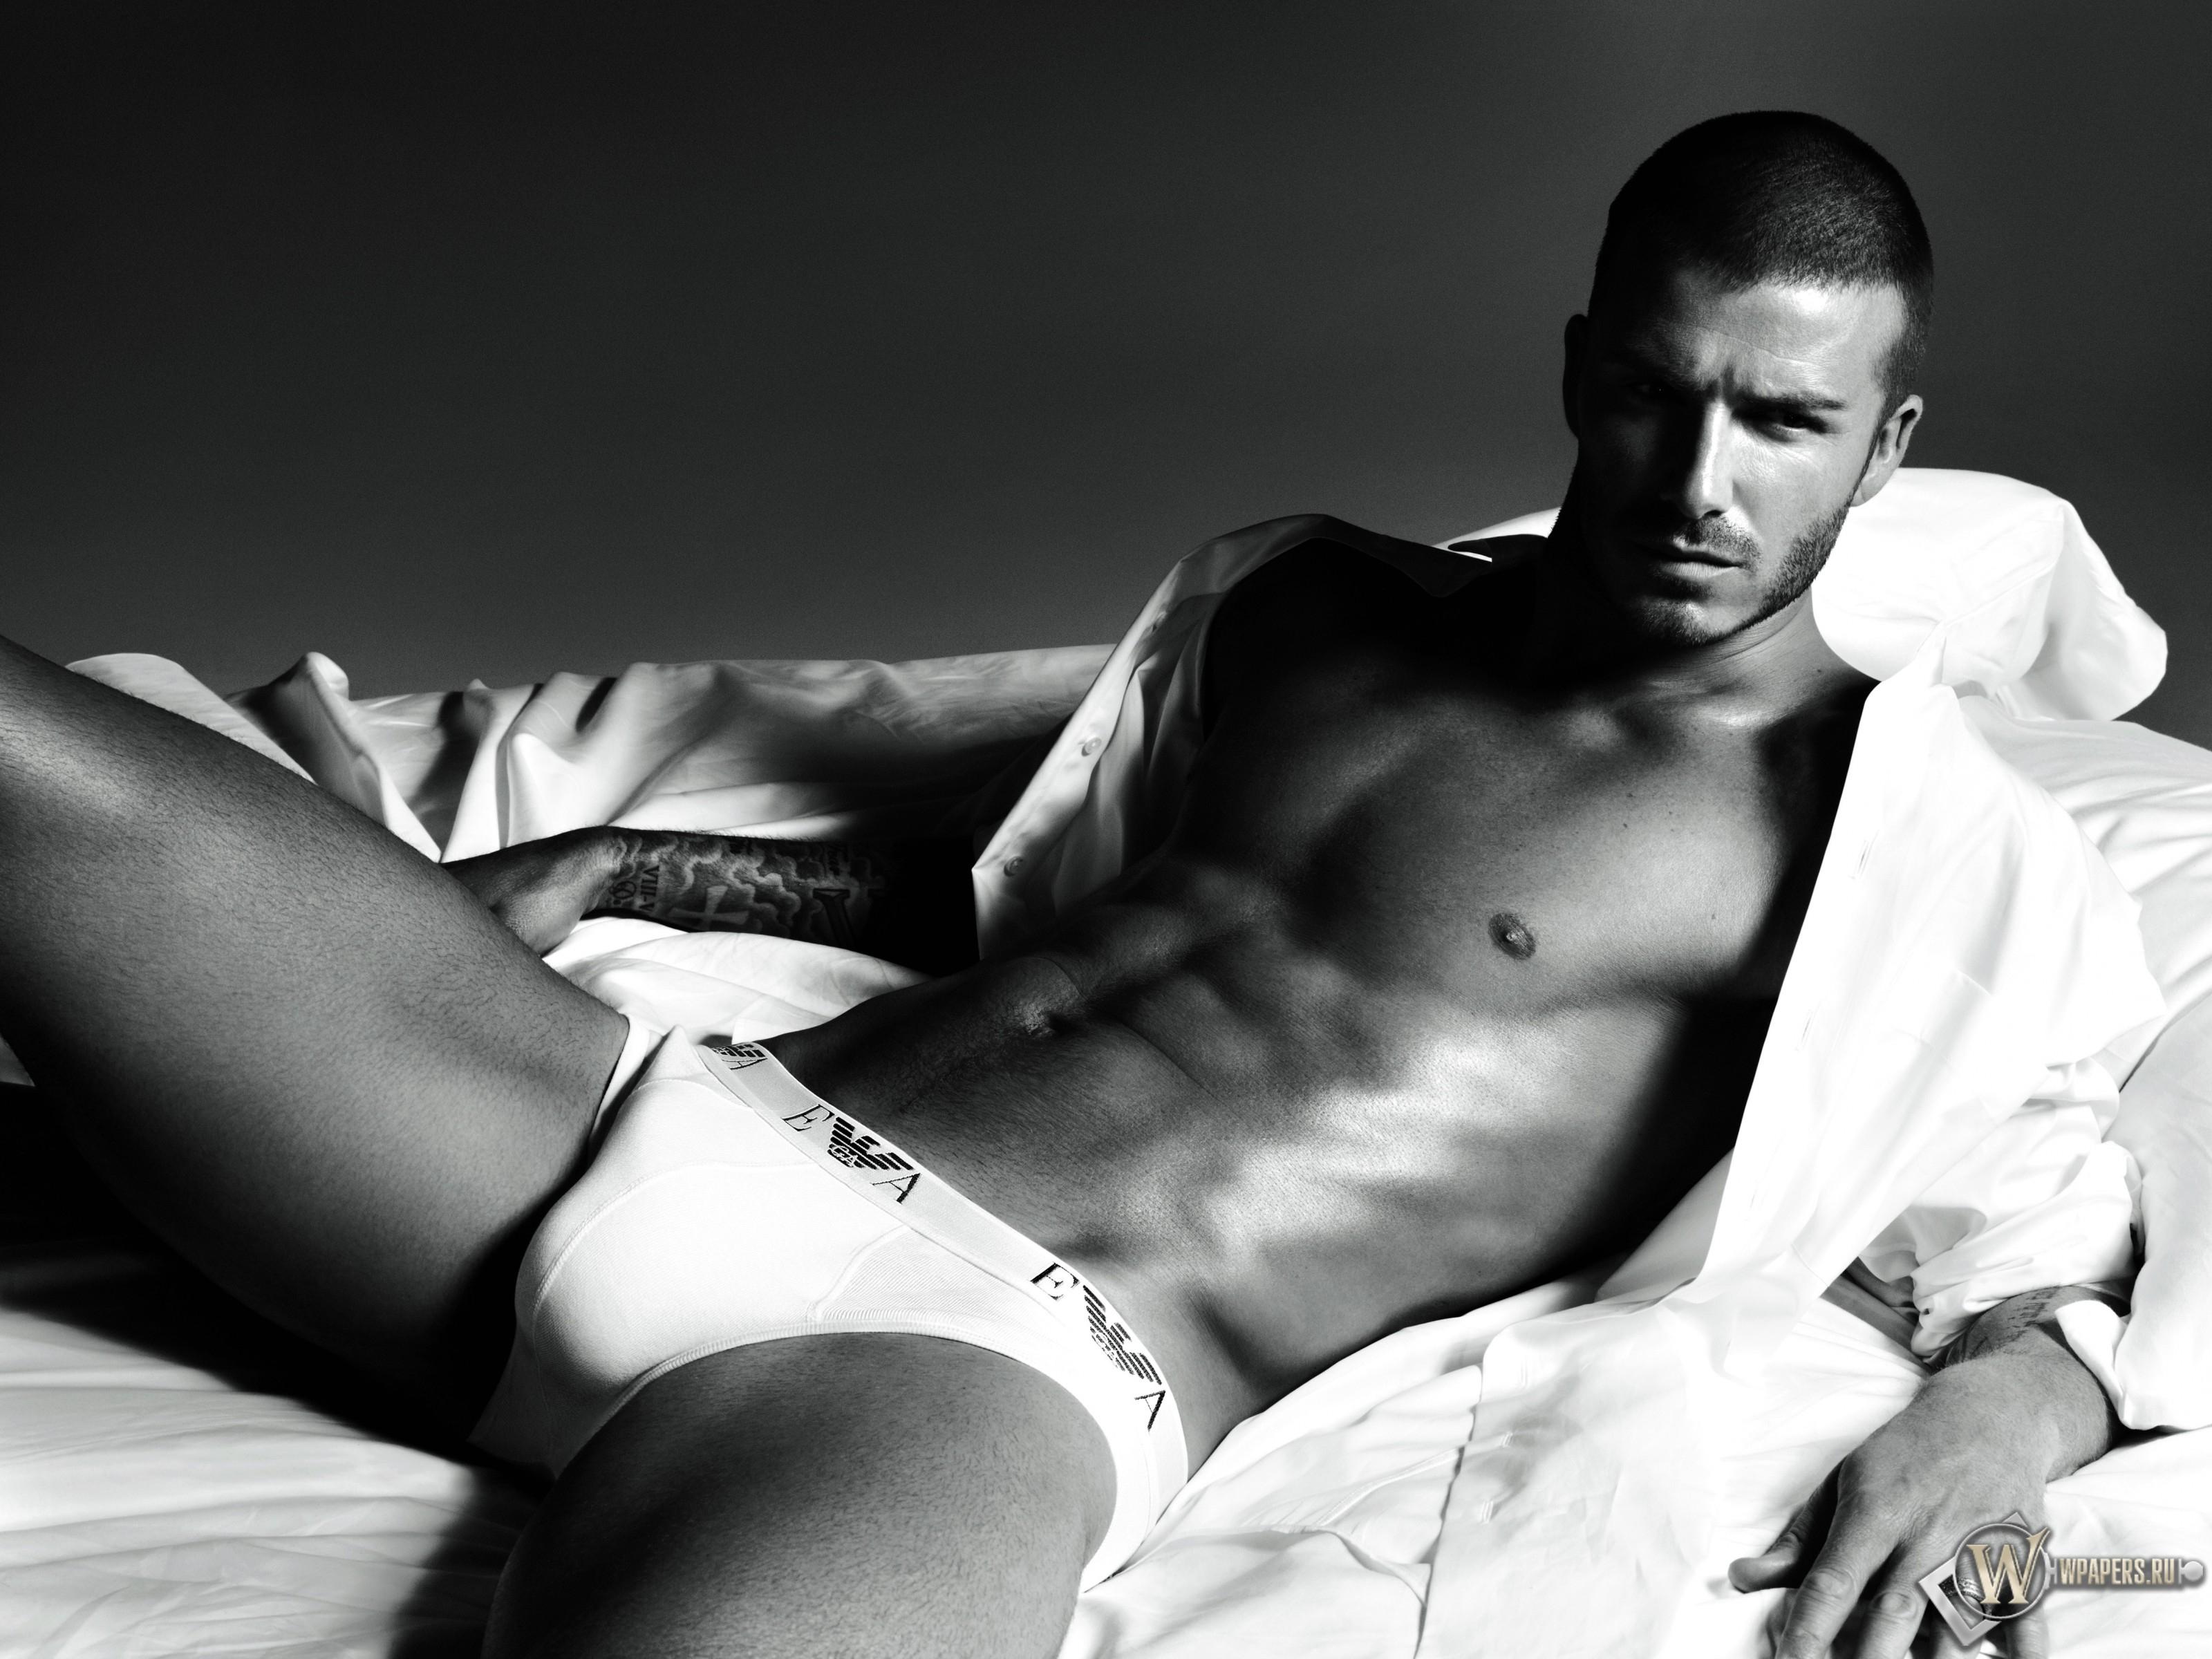 Смотреть бесплатно эротическое фото красивых мужчин 10 фотография